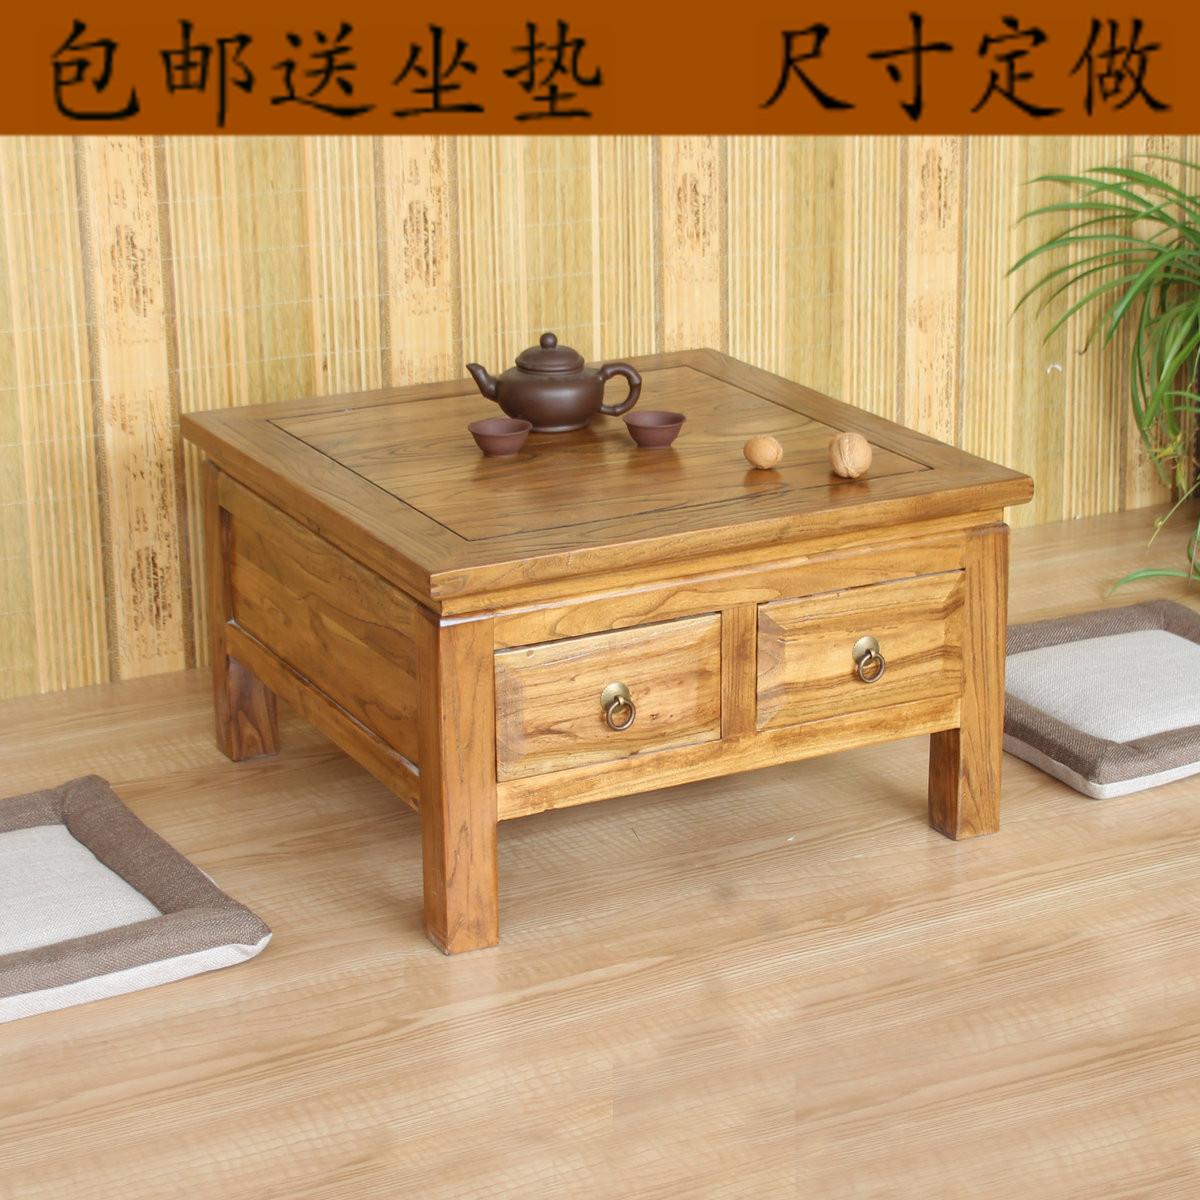 Бесплатная доставка японский татами кофейный столик дерево эркер стол старый вяз таблица печка несколько чайный стол короткая стол простой небольшой стол